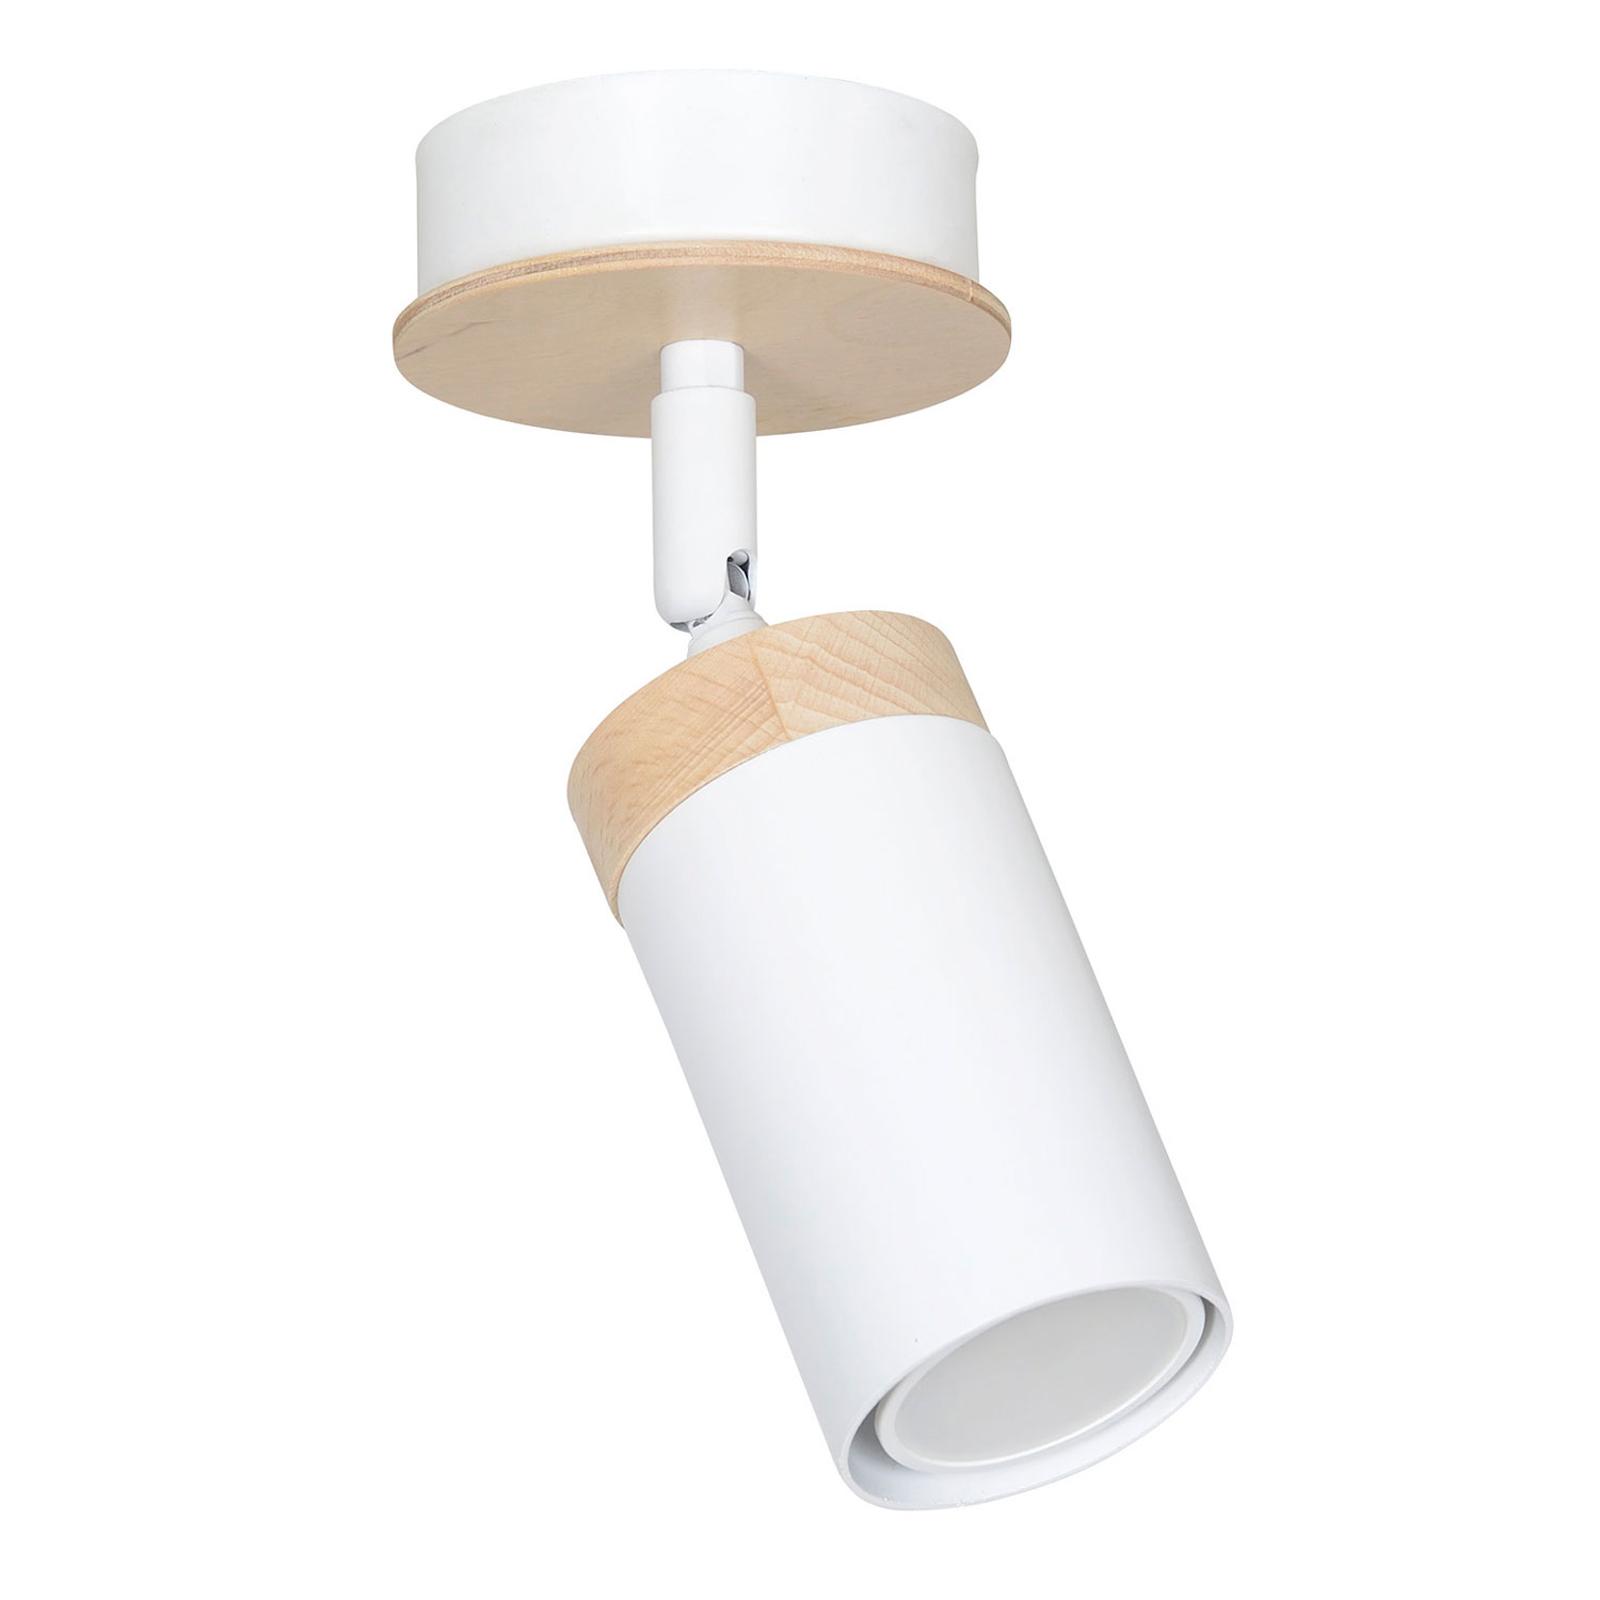 Kattokohdevalo Elba, 1-lamppuinen, valkoinen